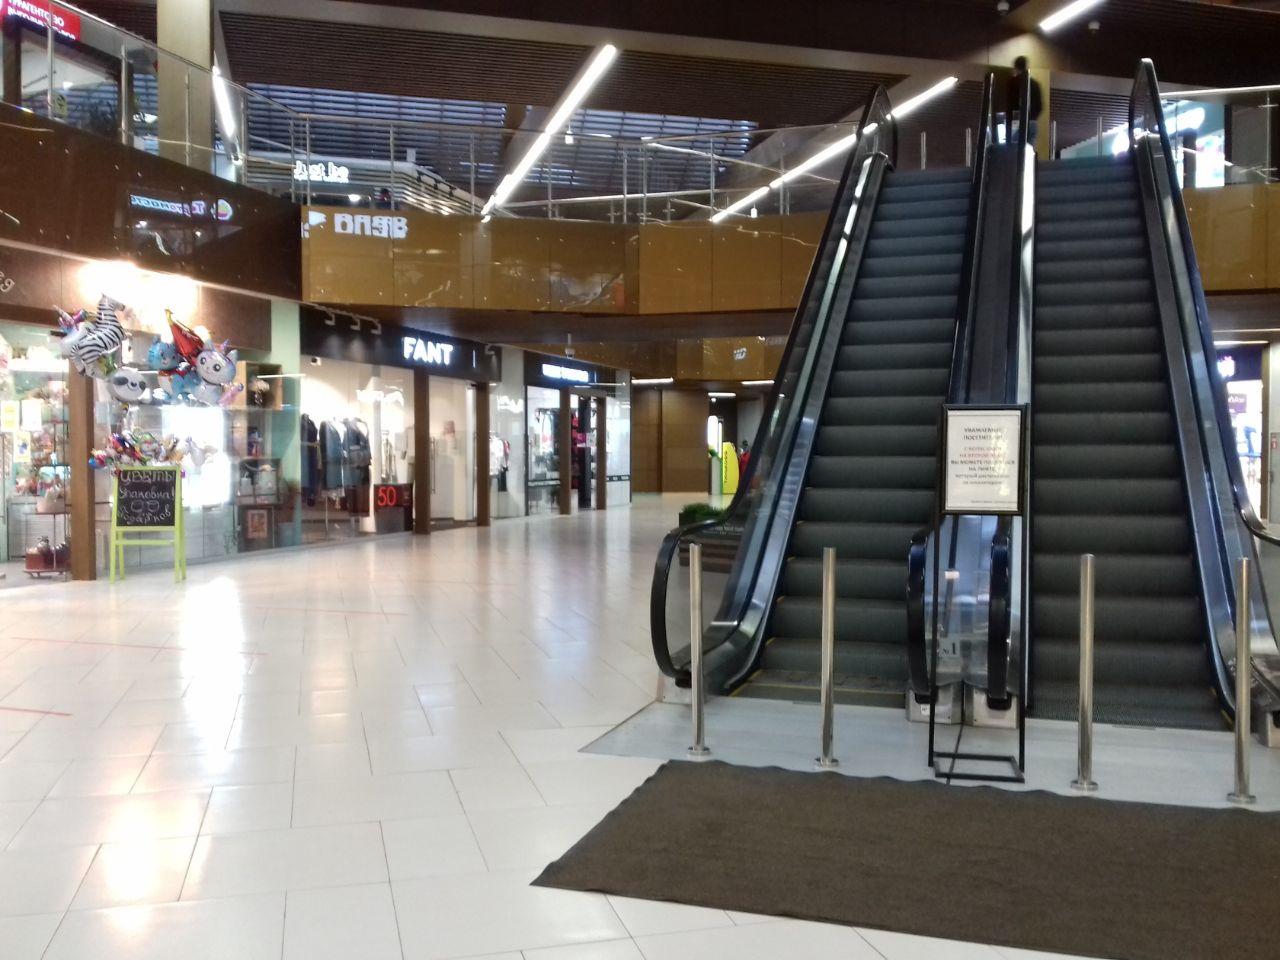 ТЦ Глобал Молл (Global Mall)